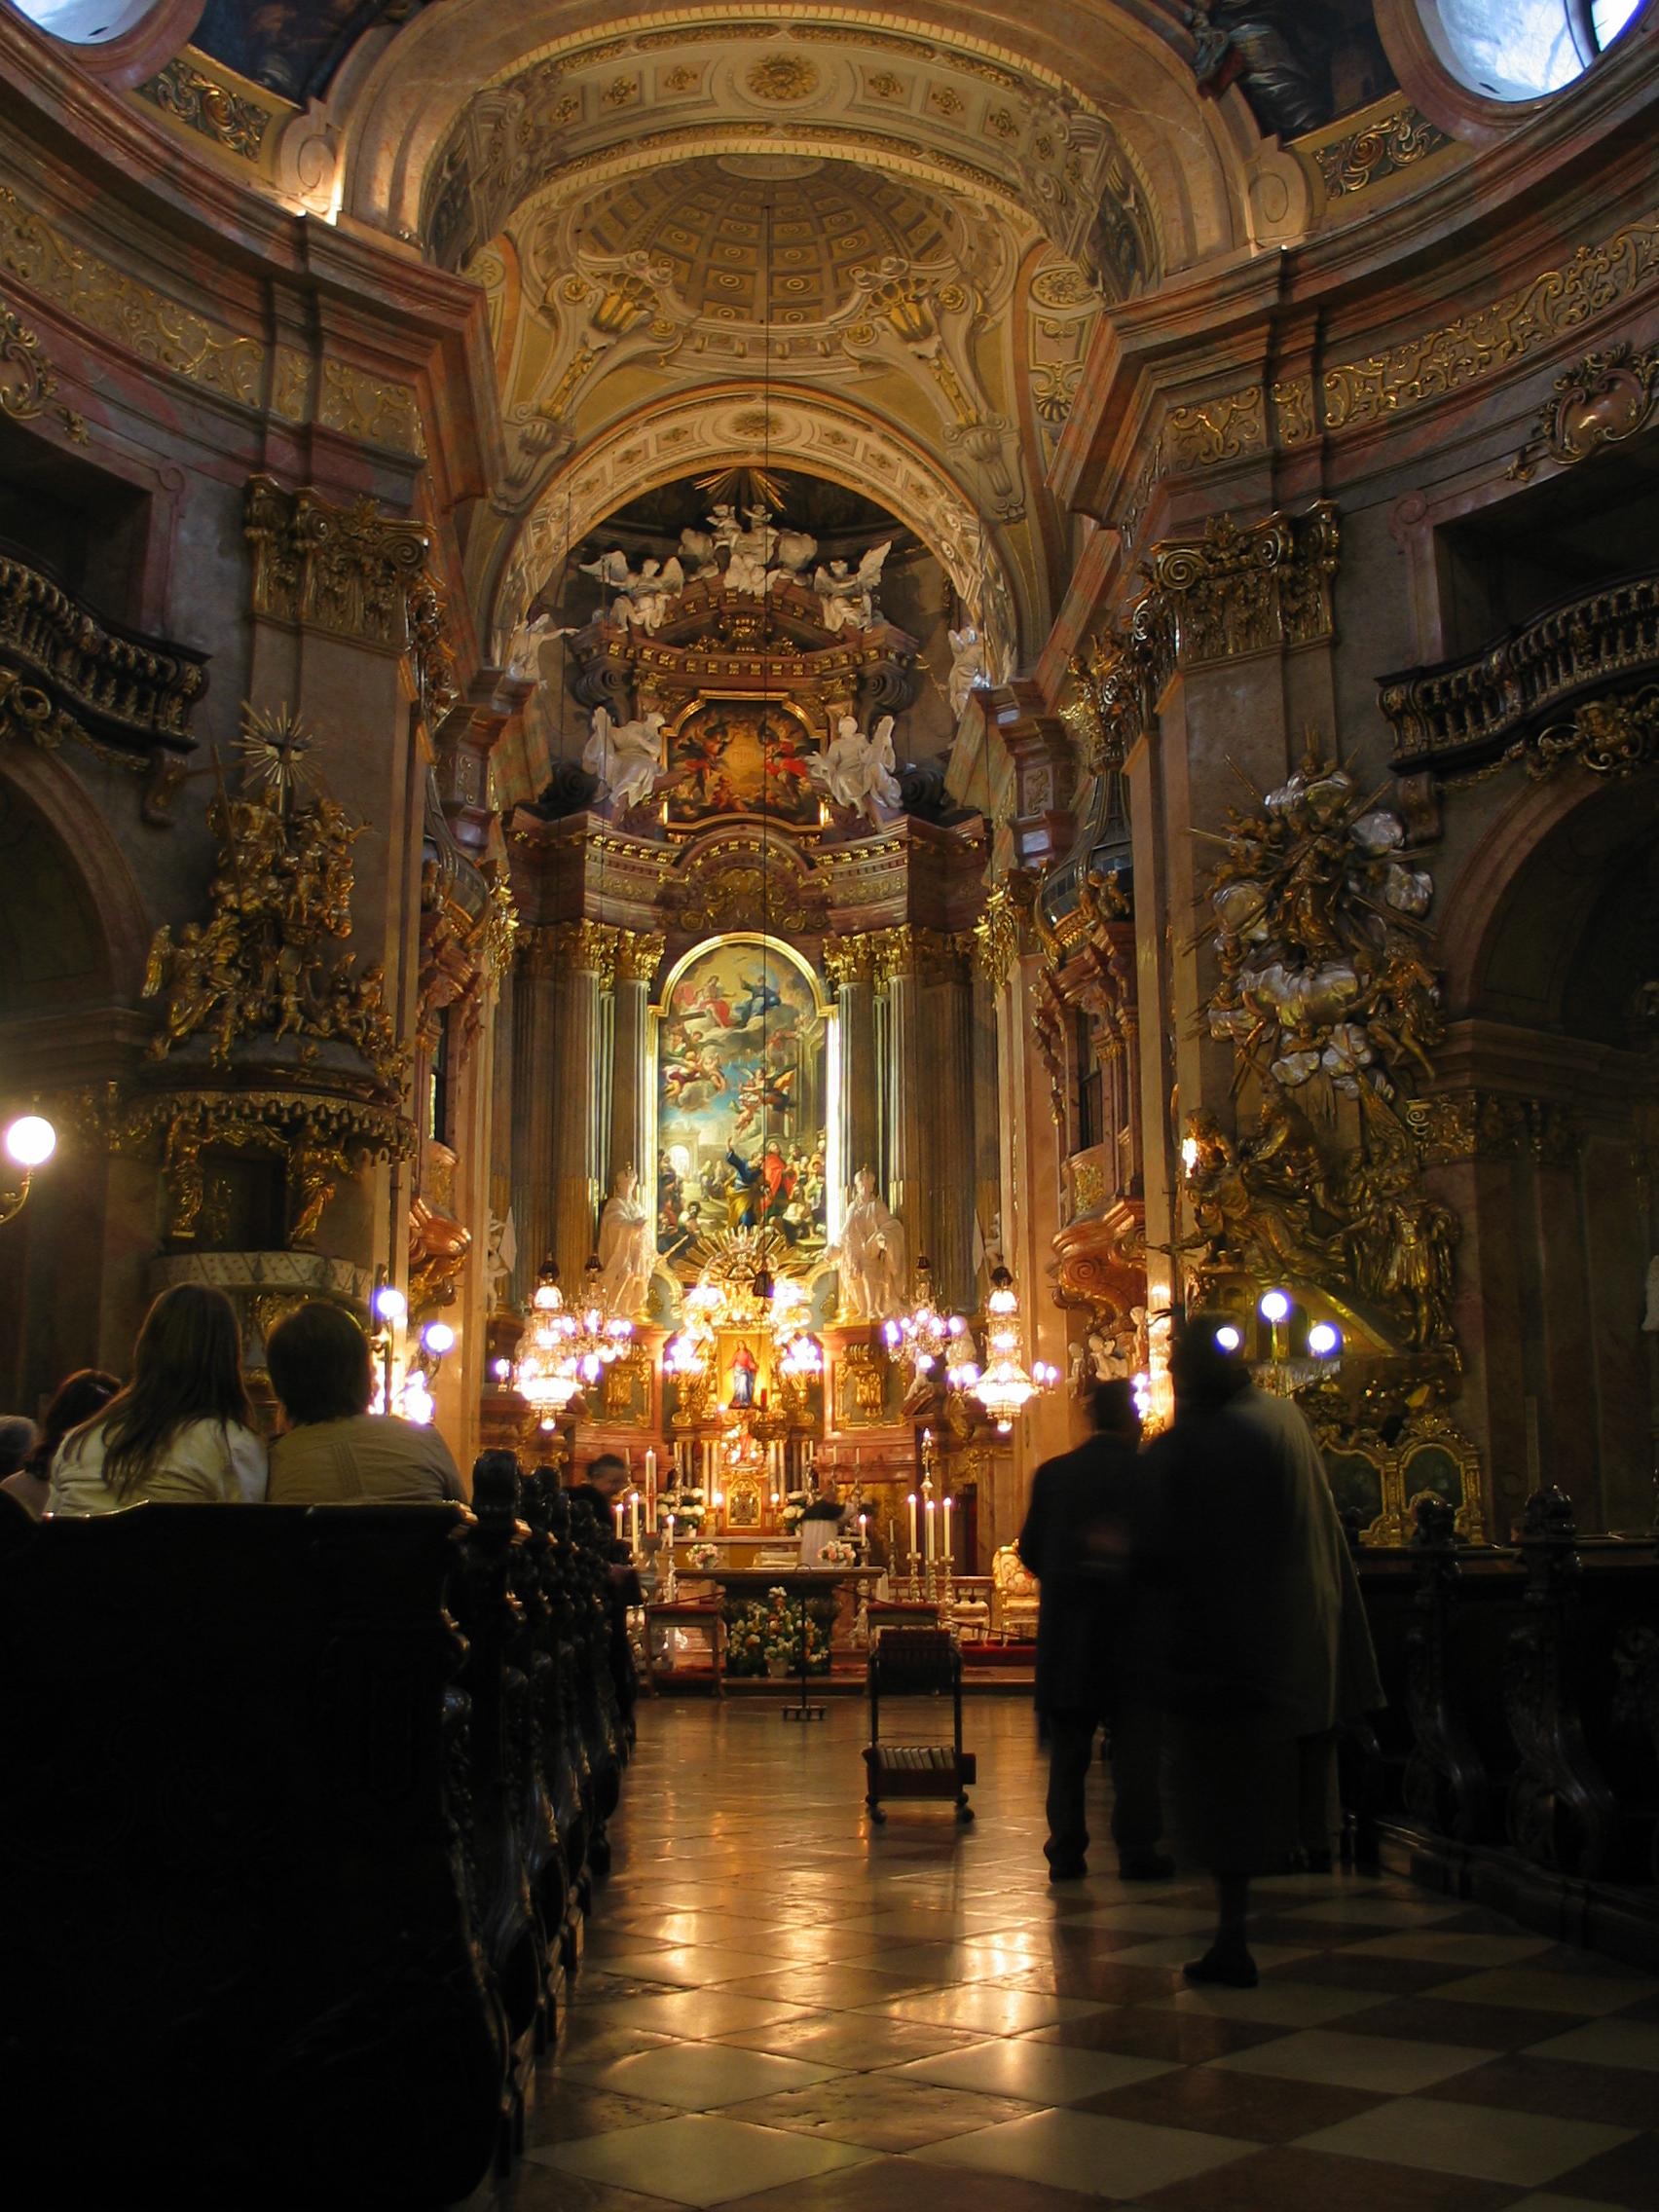 Filepeterskirchewienaltarjpg Wikimedia Commons